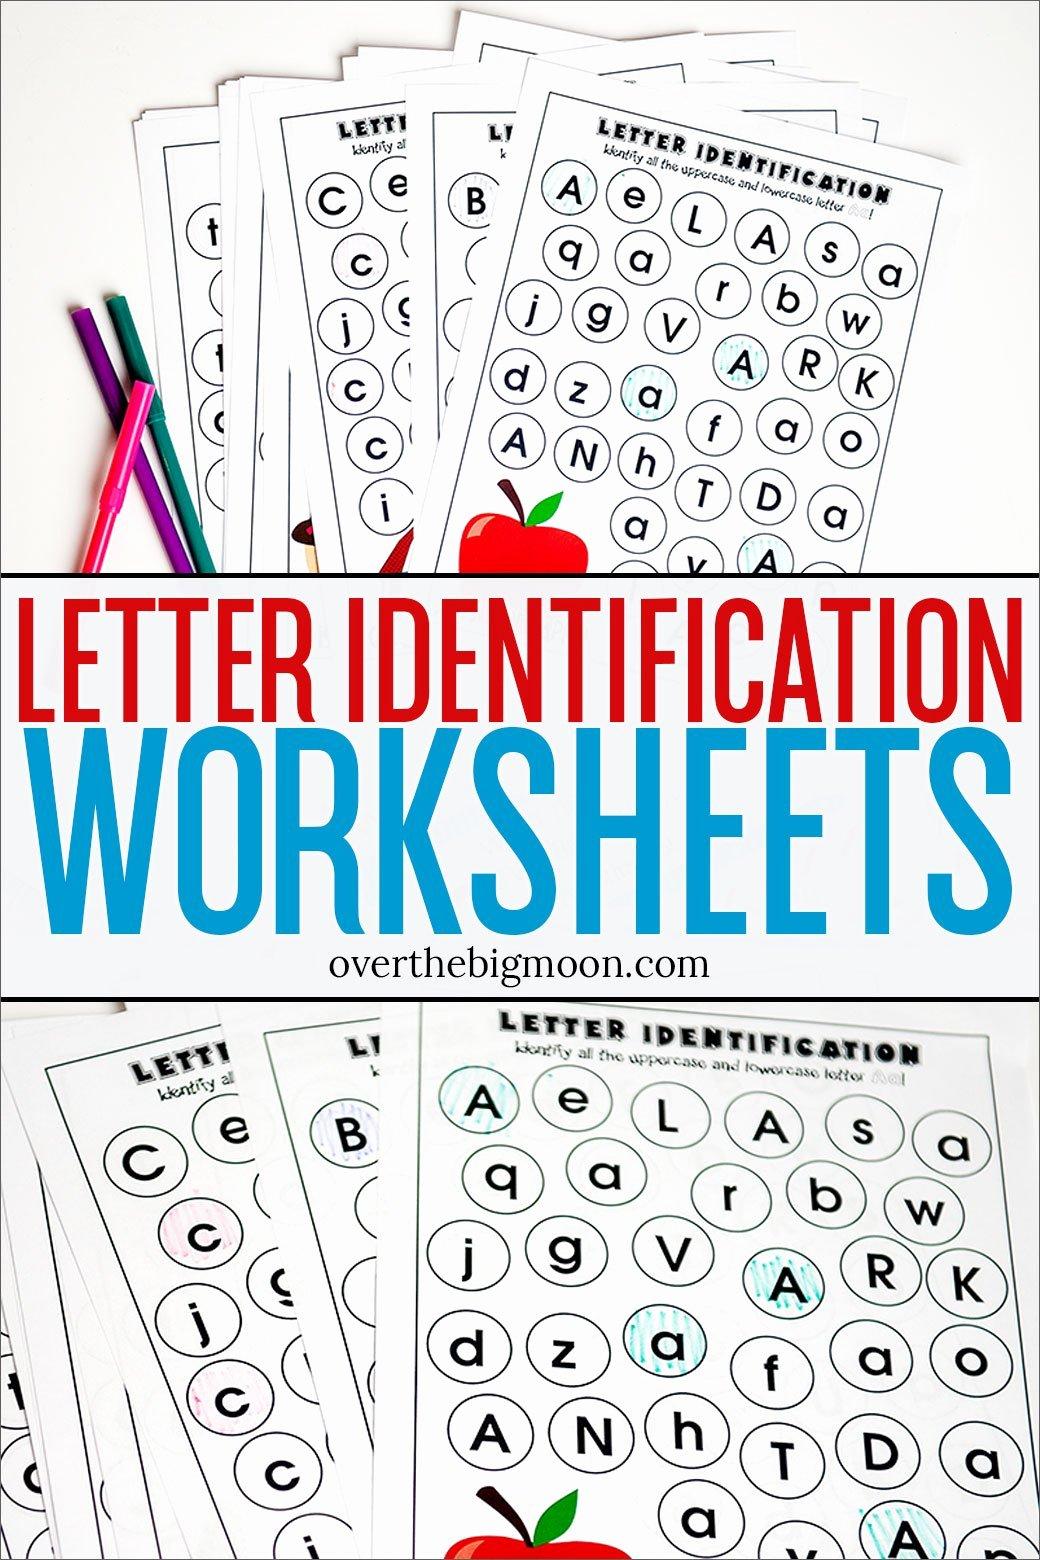 Alphabet Recognition Worksheets for Preschoolers Lovely Full Alphabet Letter Identification Printables